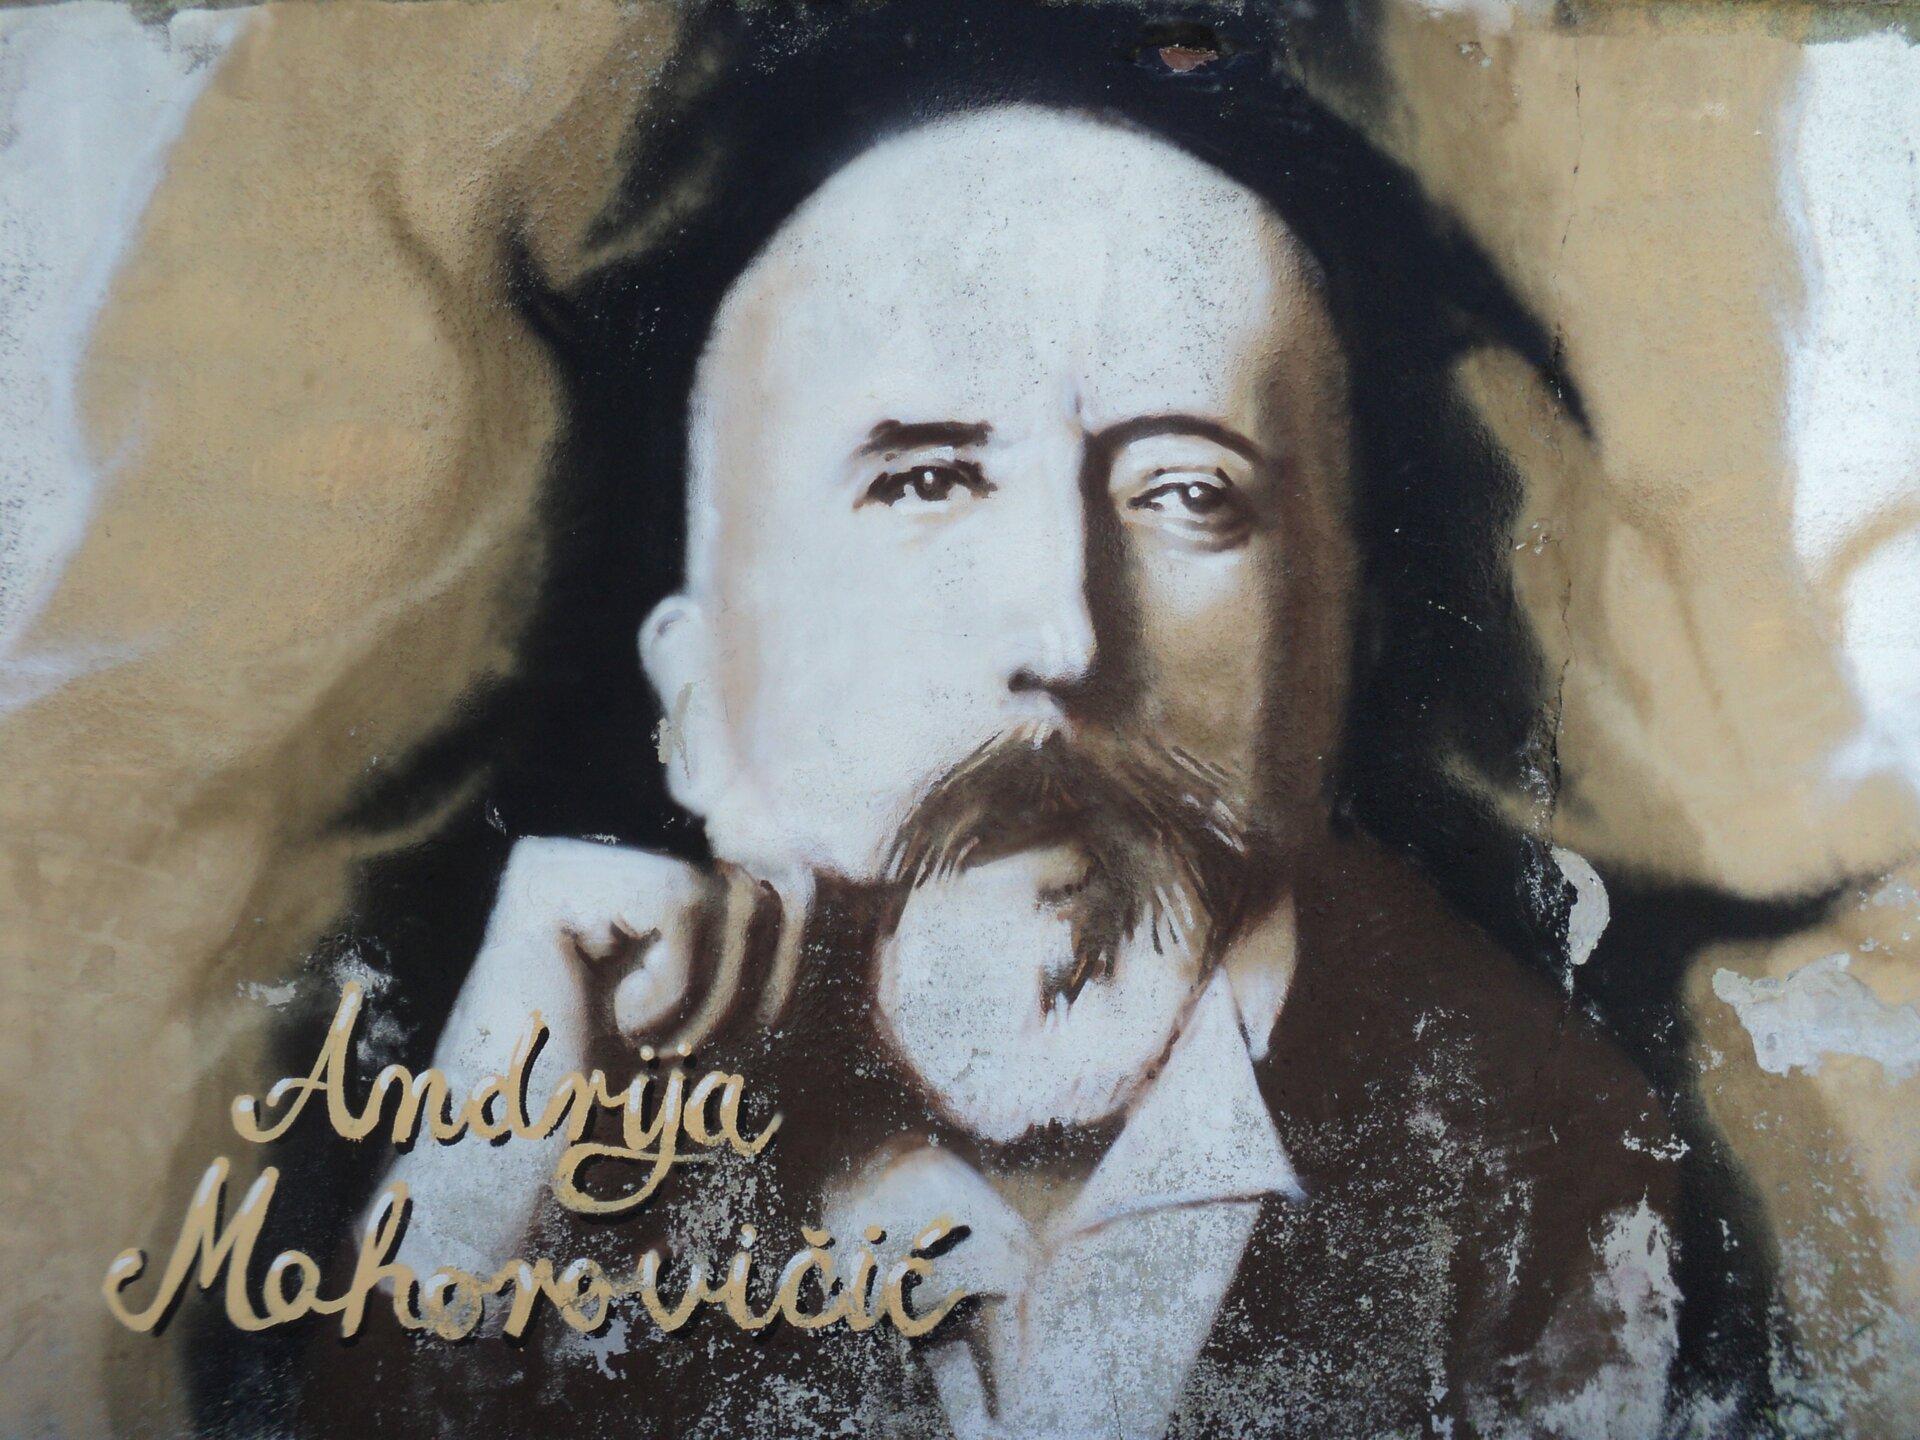 Na portrecie starszy mężczyzna. Jest łysy, ma ciemne wąsy isiwą brodę. Na wysokości twarzy trzyma podniesioną pięść. Zlewej strony napisano Andrija Mohorovičić.